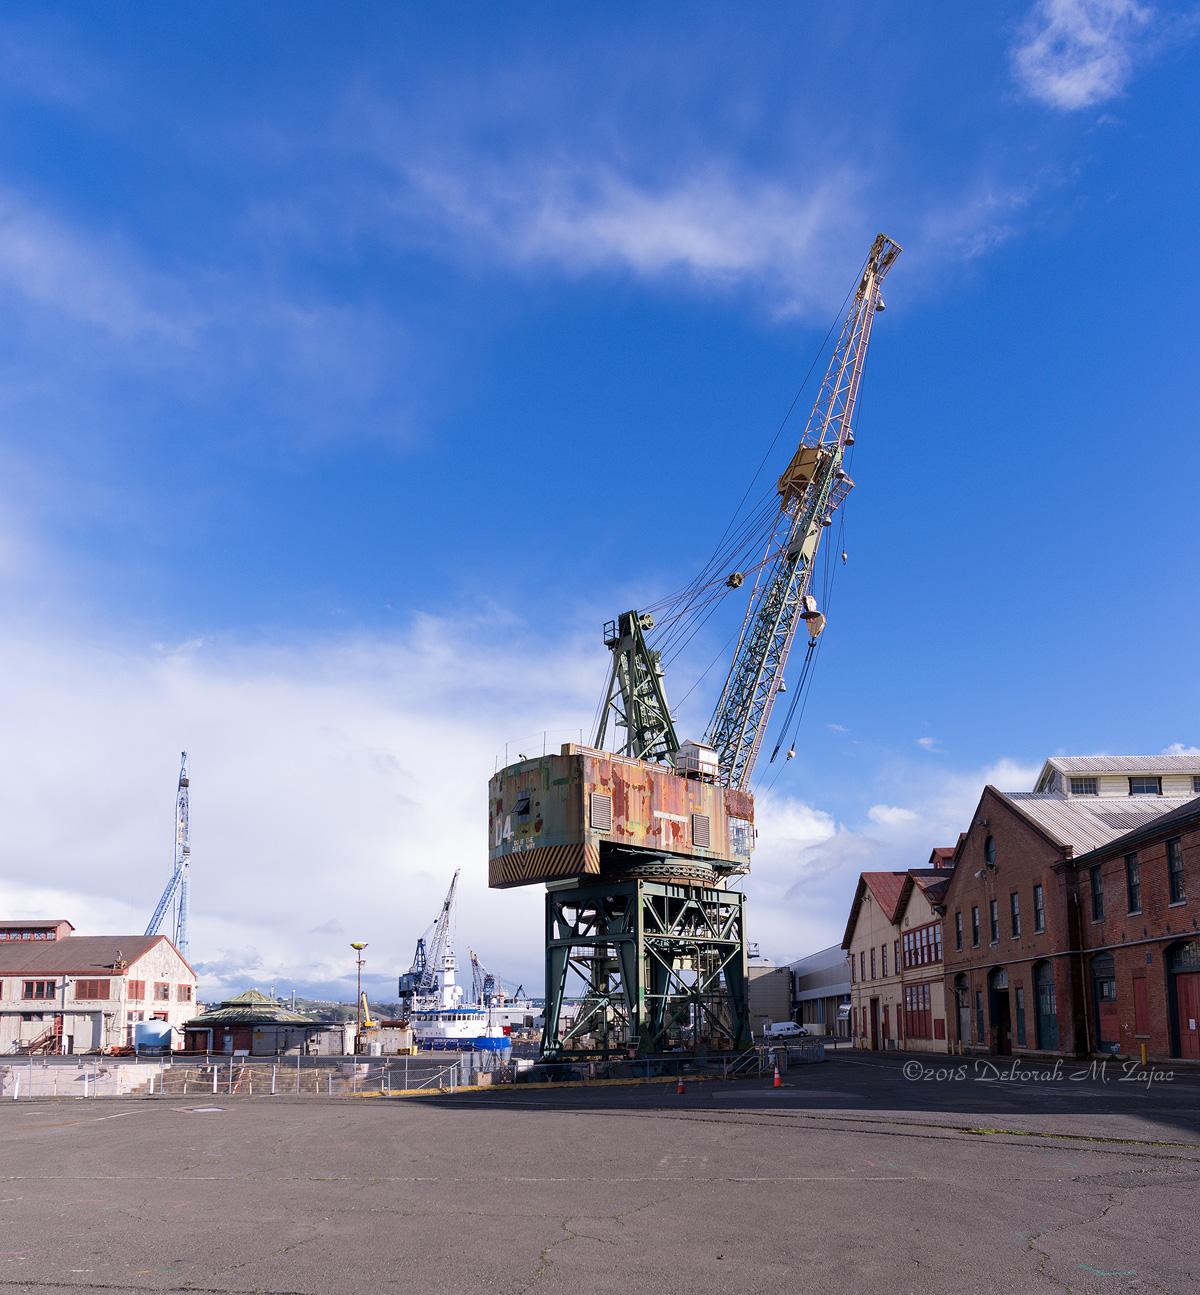 At-At like Crane at the Dry Dock